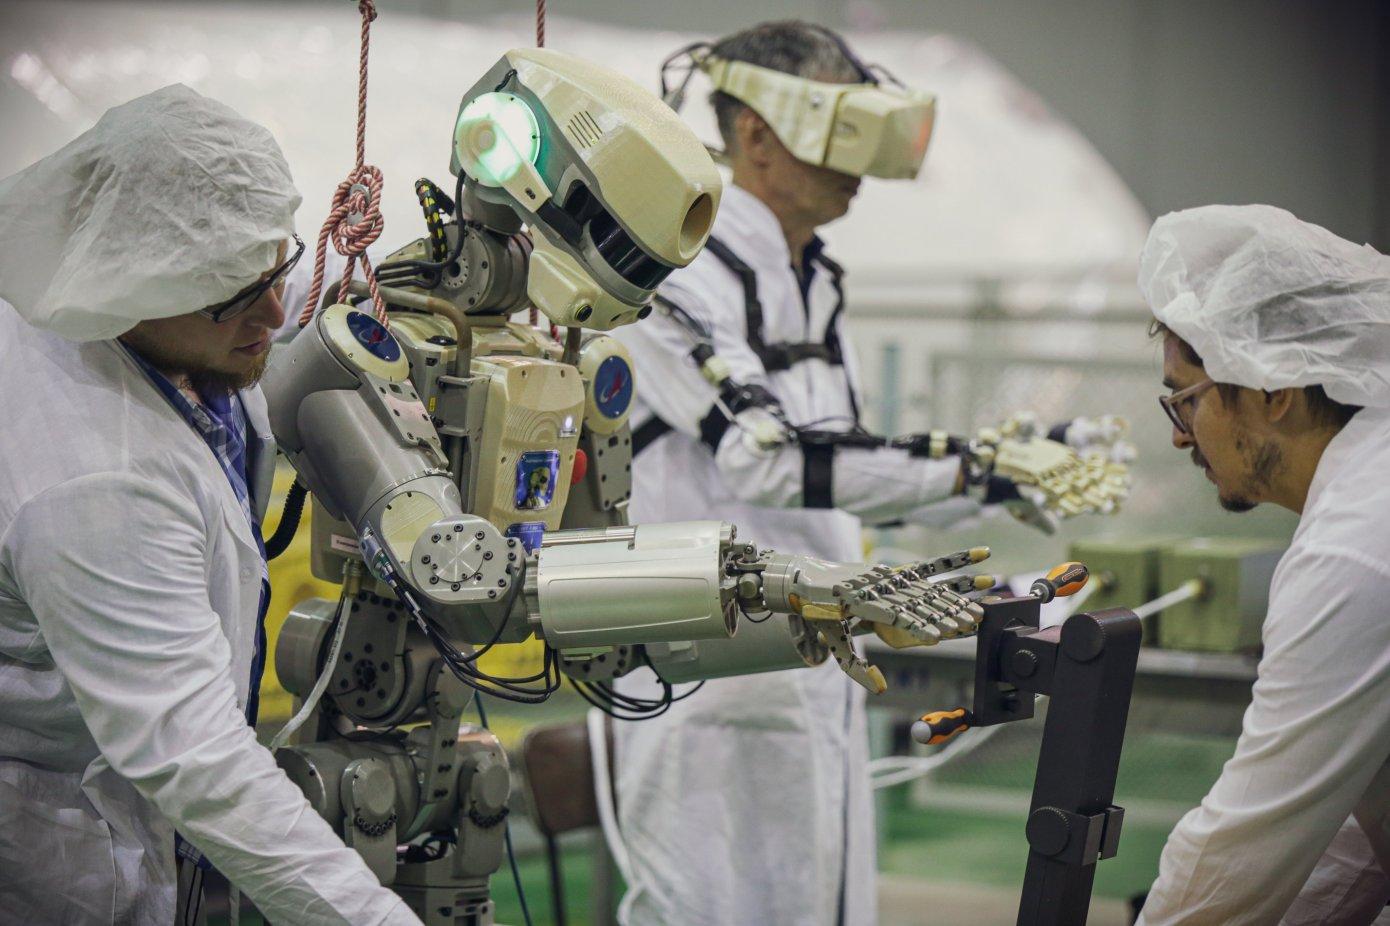 Дайджест новостей машинного обучения и искусственного интеллекта за август